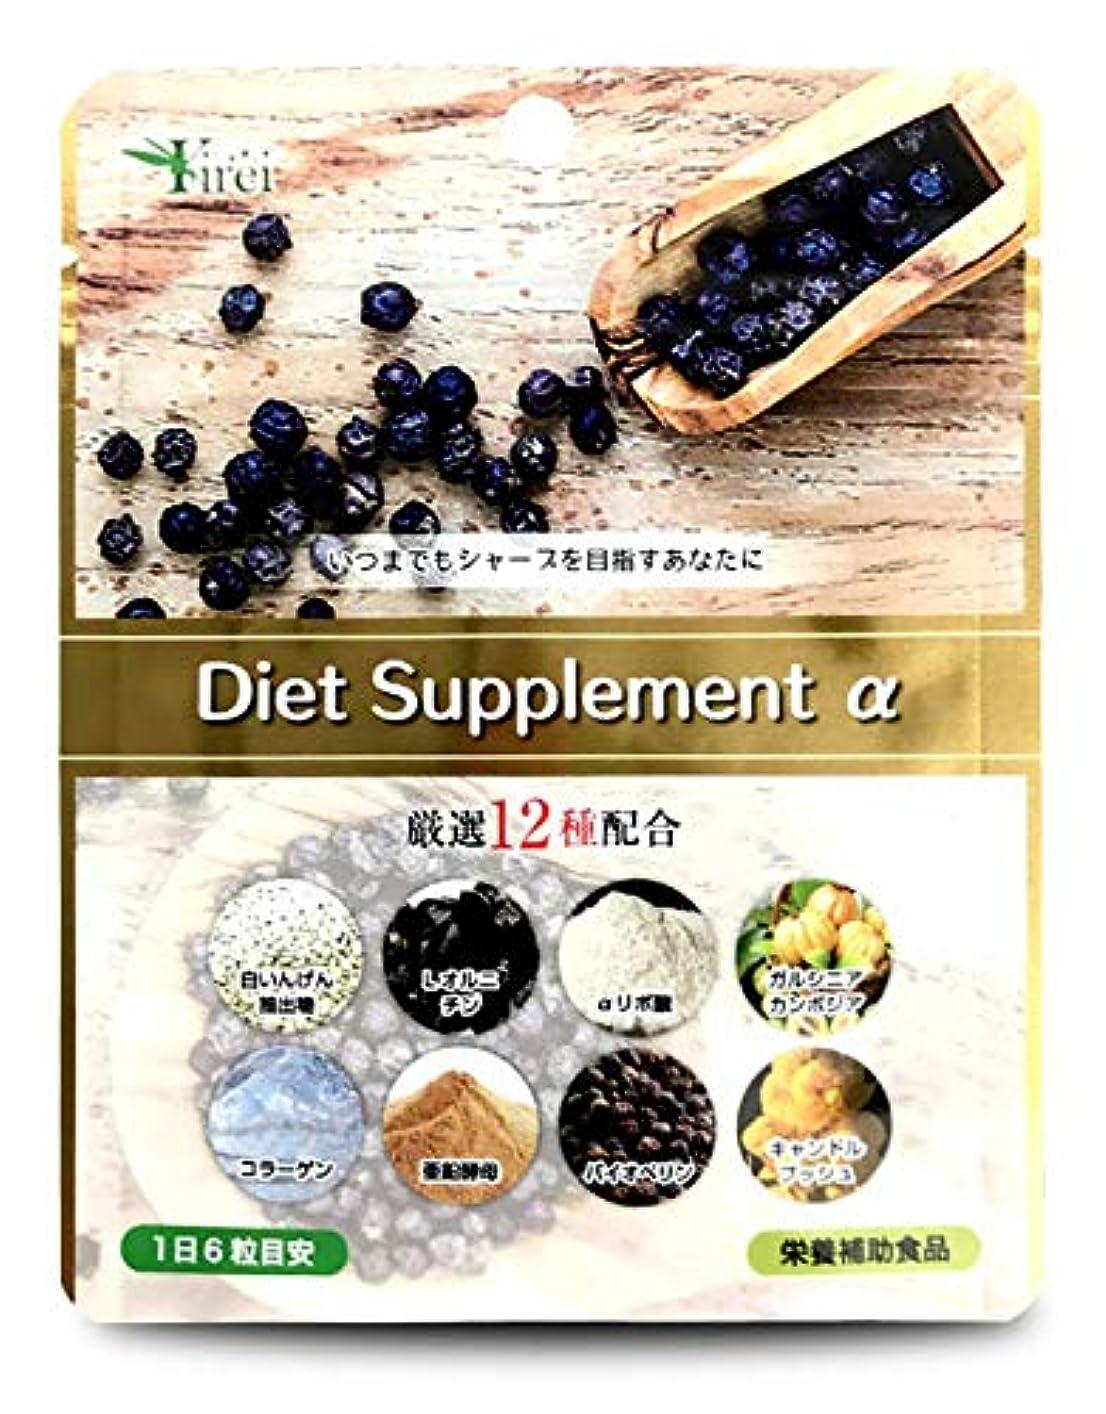 つぶやき含意氏ダイエットサプリ α 180粒約30日分 厳選12種配合 αリポ酸 ファセオラミン 亜鉛 L-オルニチン